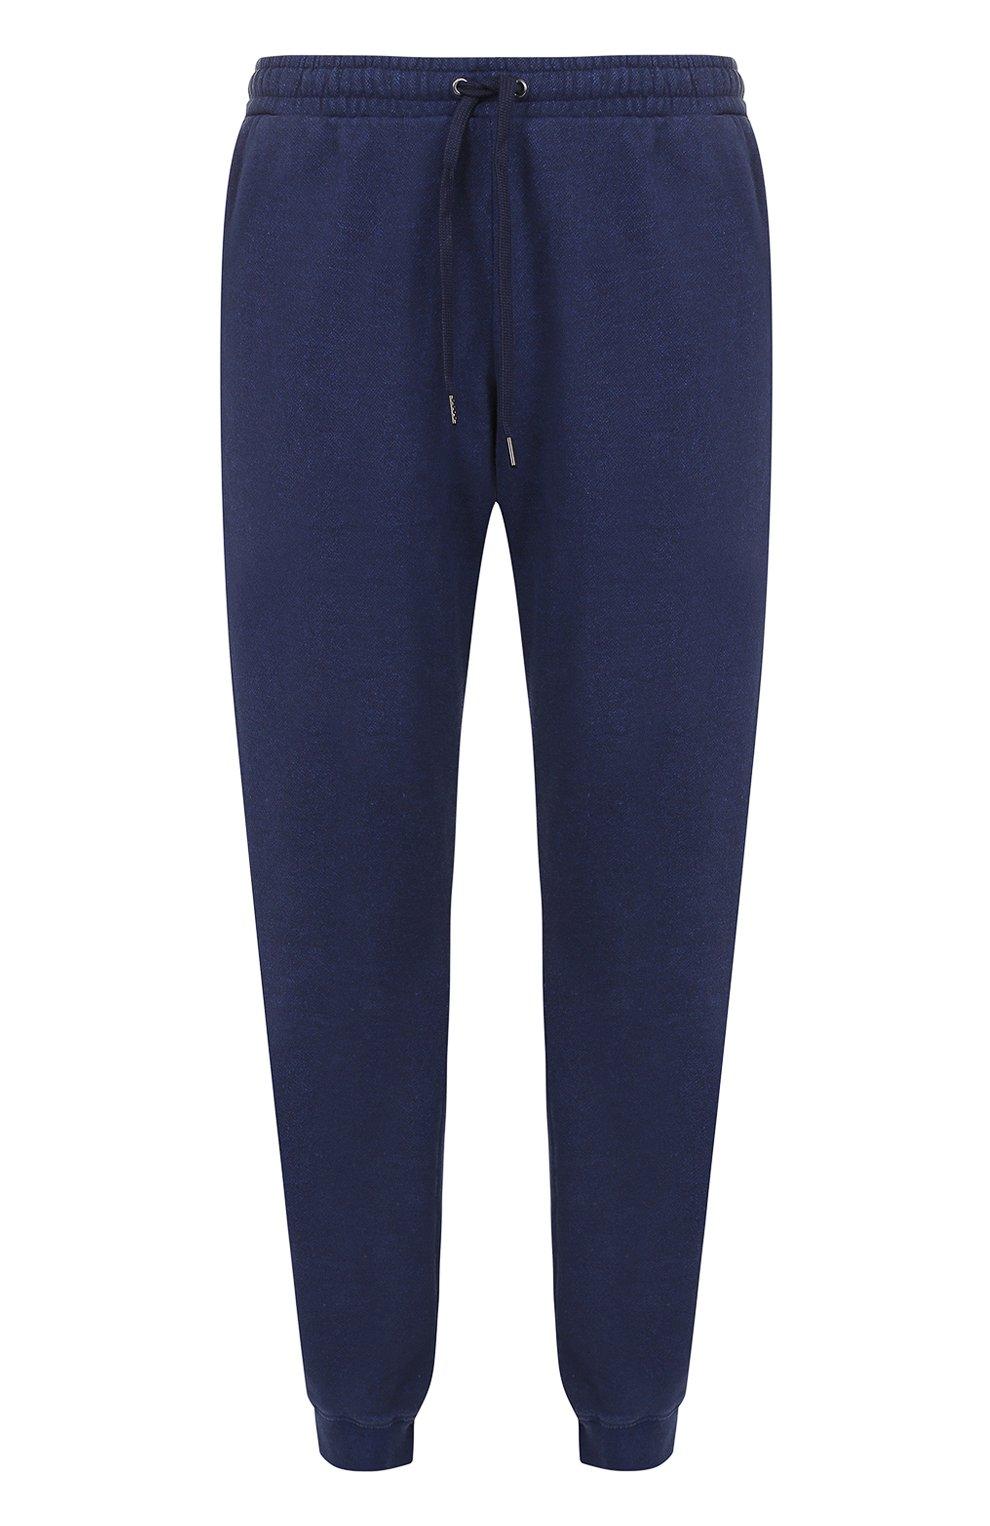 Мужские хлопковые джоггеры DEREK ROSE темно-синего цвета, арт. 9250-DEV0001 | Фото 1 (Мужское Кросс-КТ: Брюки-трикотаж; Длина (брюки, джинсы): Стандартные; Материал внешний: Хлопок; Силуэт М (брюки): Джоггеры)